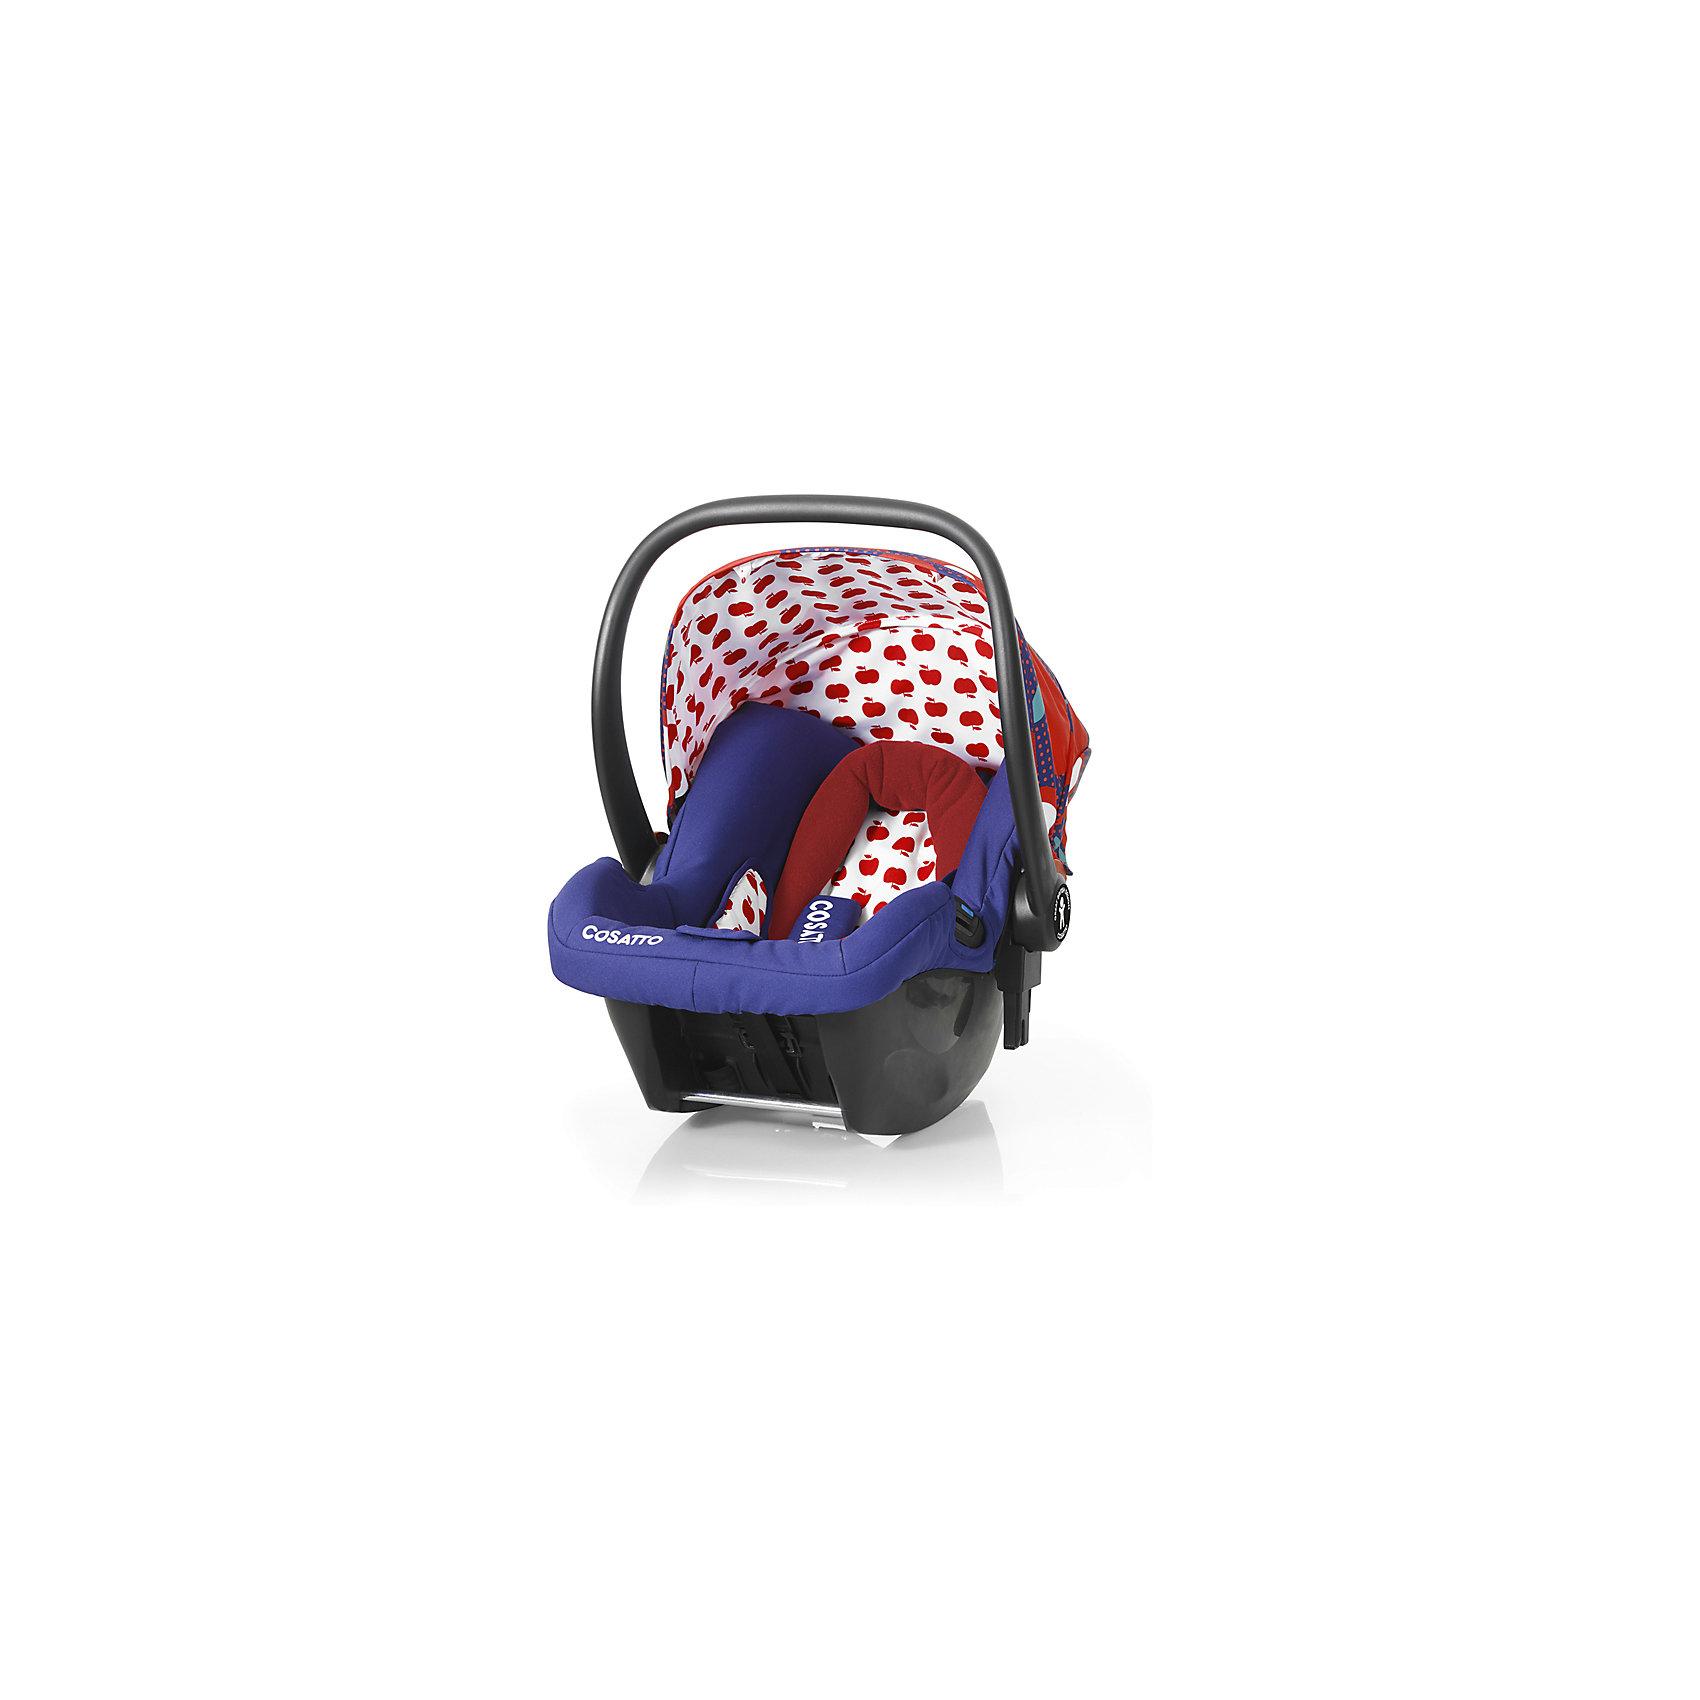 Автокресло Cosatto Hold 0-13 кг, Apple SeedГруппа 0+ (До 13 кг)<br>Характеристики:<br><br>• группа: 0+;<br>• вес ребенка: до 13 кг;<br>• возраст: от рождения до 18 месяцев;<br>• соответствует нормам безопасности  ECE R44/04;<br>• установка: против хода движения автомобиля;<br>• может крепиться штатным автомобильным ремнем или устанавливаться на одну из баз Cosatto (Isofix и для 3-точечного ремня);<br>• совместимо с шасси колясок Cosatto Ooba, Giggle 2, To &amp; Fro, Woop;<br>• можно использовать как переноску или люльку;<br>• 3-точечные внутренние ремни имеют 2 положения;<br>• плечевые и нагрудные подушечки;<br>• анатомический вкладыш;<br>• специальная подушка для головы;<br>• усиленная боковая защита;<br>• ударопрочный пластик;<br>• солнцезащитный съемный козырек из ткани;<br>• ручка для переноски;<br>• гипоаллергенный материал обивки;<br>• съемный чехол можно стирать при температуре 30 градусов;<br>• материал: пластик, полиэстер.<br><br>Габариты автокресла: 70х60х44 см.<br>Вес автокресла: 3 кг.<br><br>Автокресло разработано для безопасной перевозки малышей в салоне автомобиля. Представленную модель можно использовать не только как авто-люльку, а и устанавливать на шасси коляски, что очень удобно на прогулке за городом. Продуманная до мелочей система безопасности максимально защищает малыша во время движения. Автокресло устанавливается на сиденье и крепится при помощи штатного трехточечного ремня безопасности автомобиля либо при устанавливается на специальную базу (приобретается отдельно). <br><br>Автокресло Hold 0-13 кг., Cosatto, Apple Seed можно купить в нашем интернет-магазине.<br><br>Ширина мм: 740<br>Глубина мм: 440<br>Высота мм: 380<br>Вес г: 6000<br>Возраст от месяцев: 0<br>Возраст до месяцев: 12<br>Пол: Унисекс<br>Возраст: Детский<br>SKU: 5362943